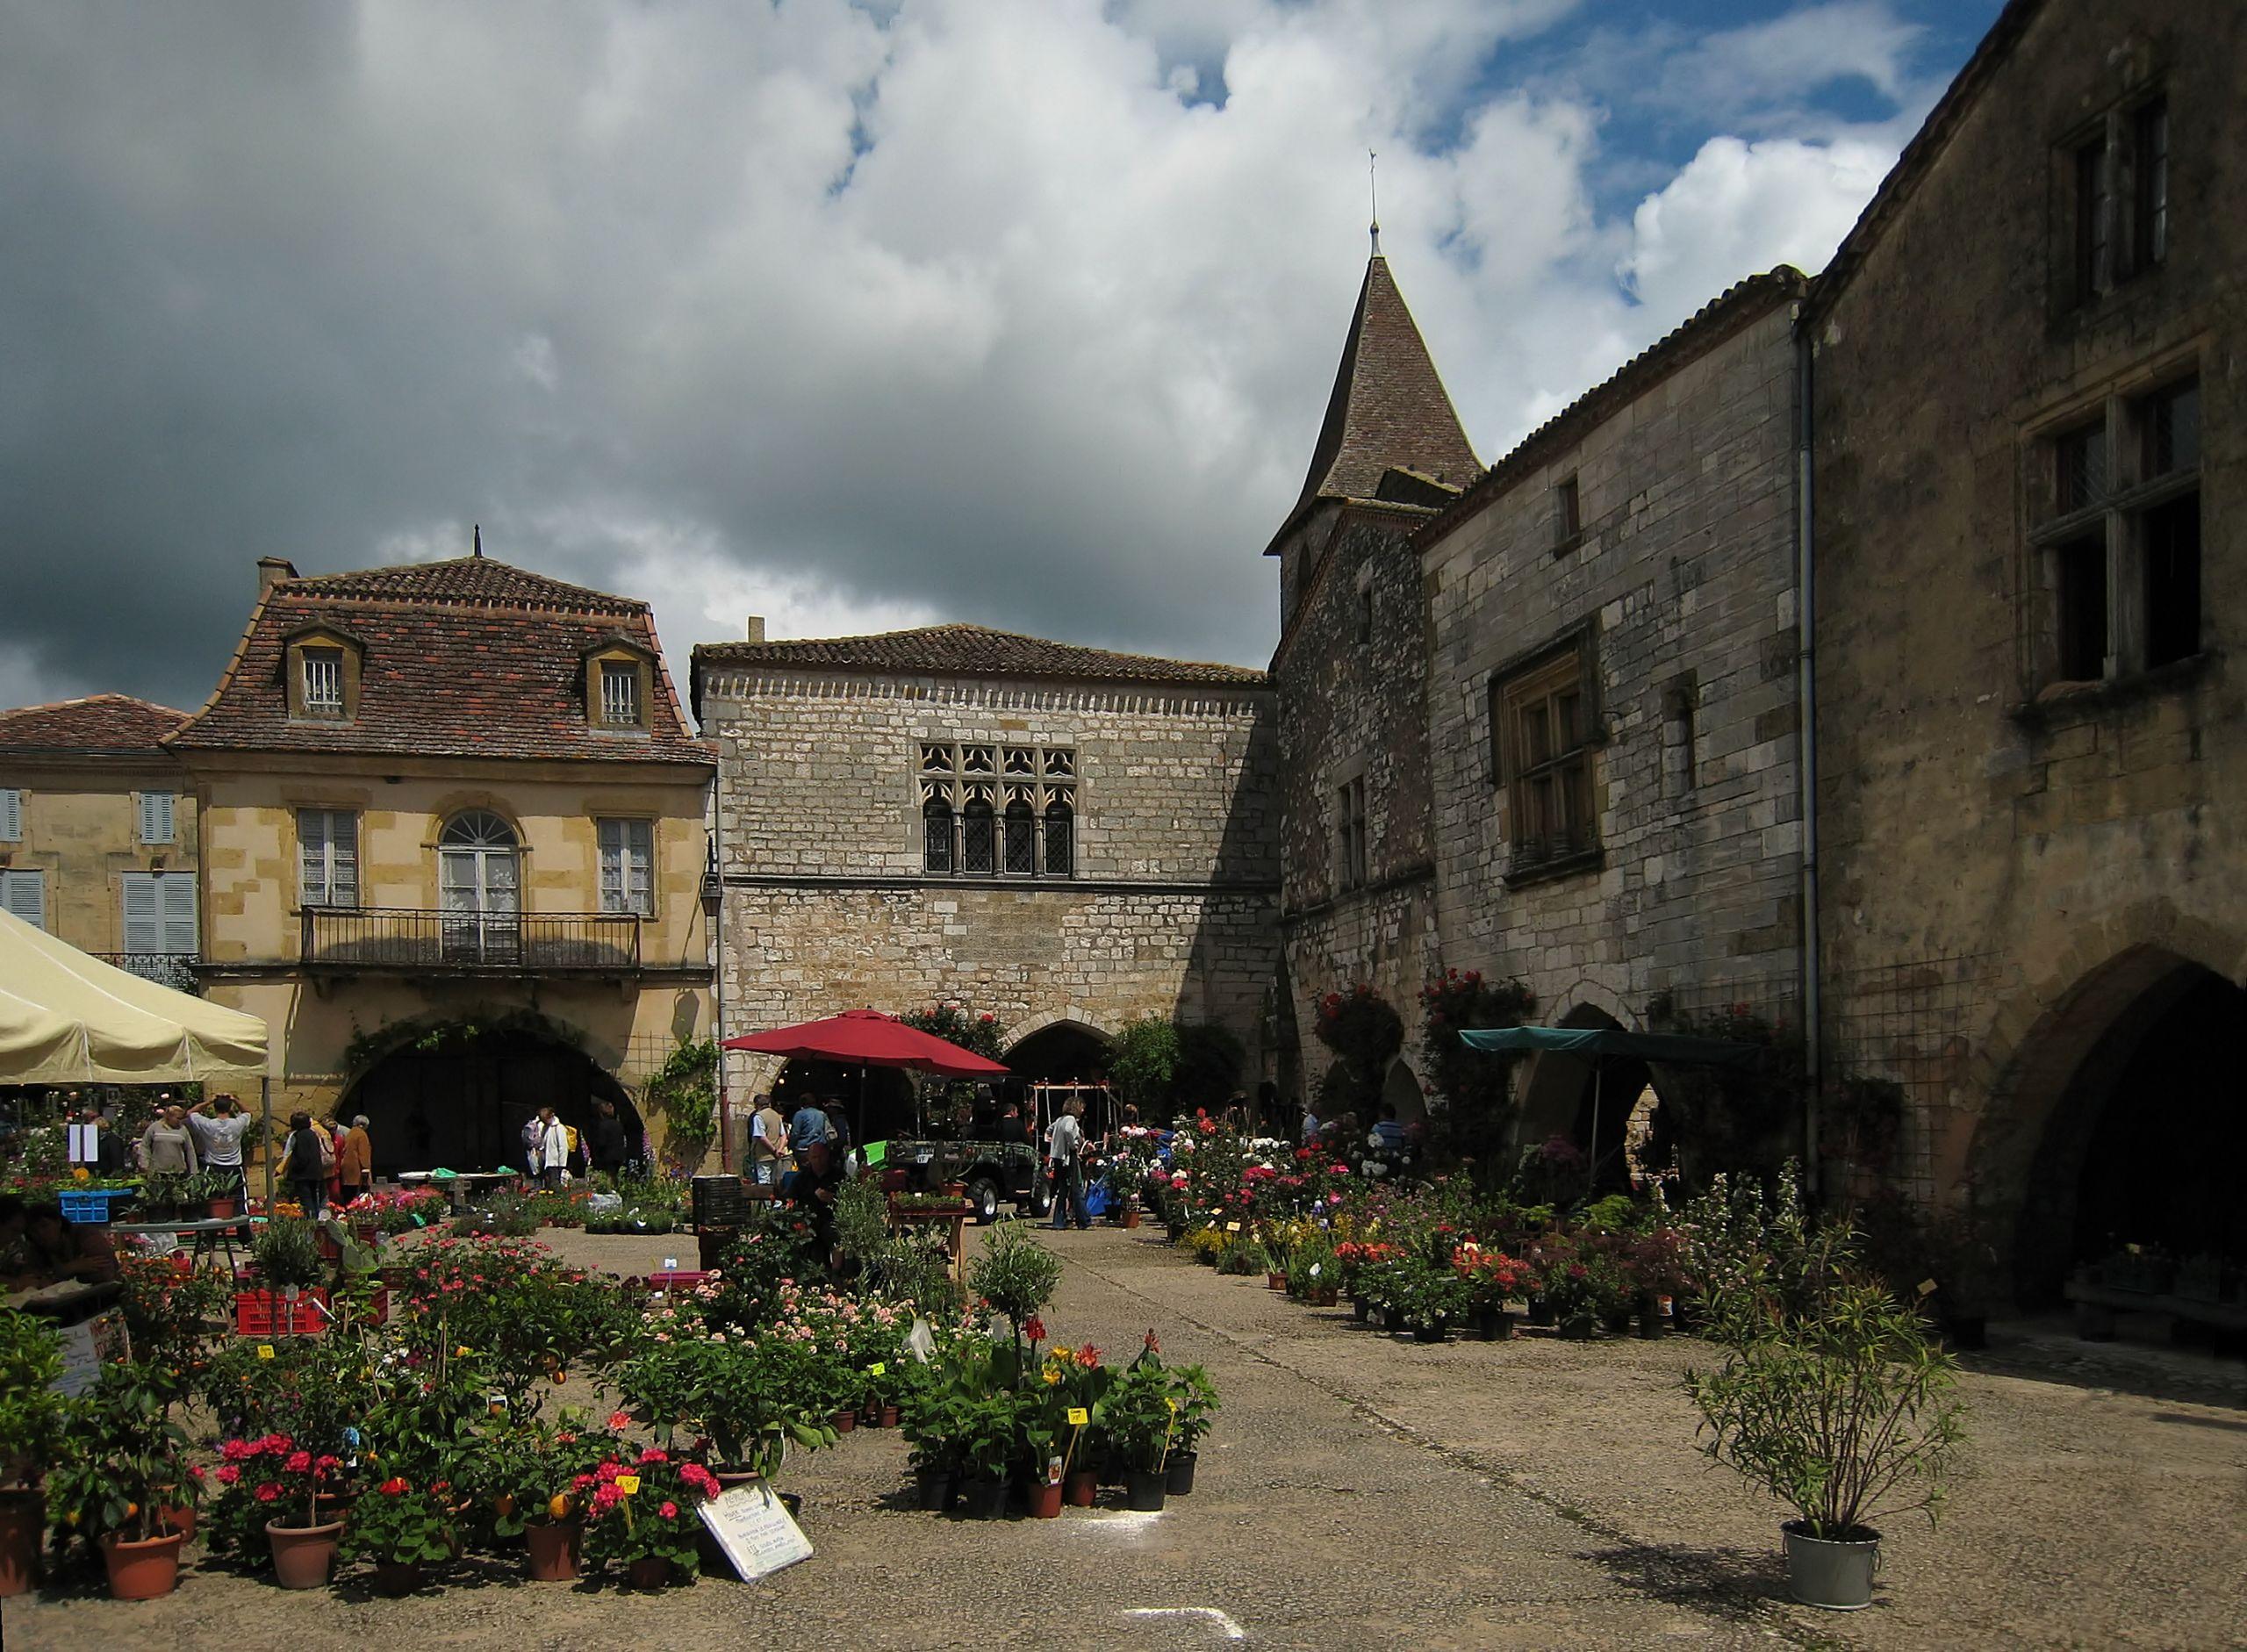 Au Jardin De La Bachellerie Frais Monpazier Of 58 Best Of Au Jardin De La Bachellerie